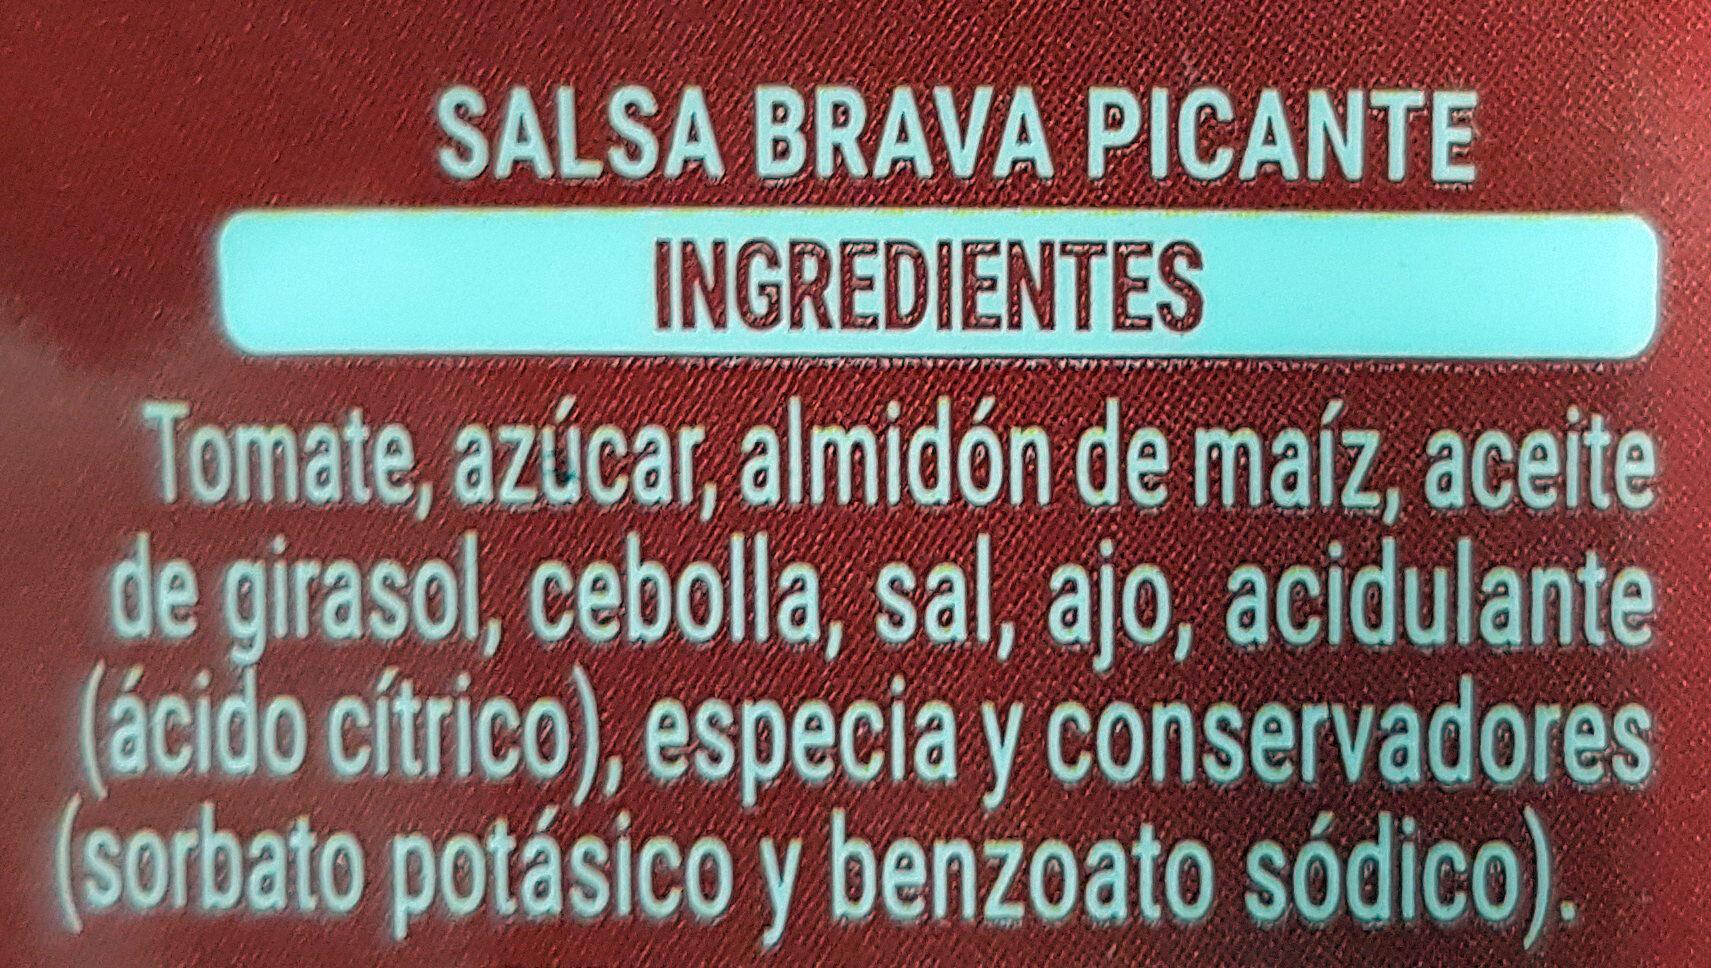 Brava picante - Ingredients - es